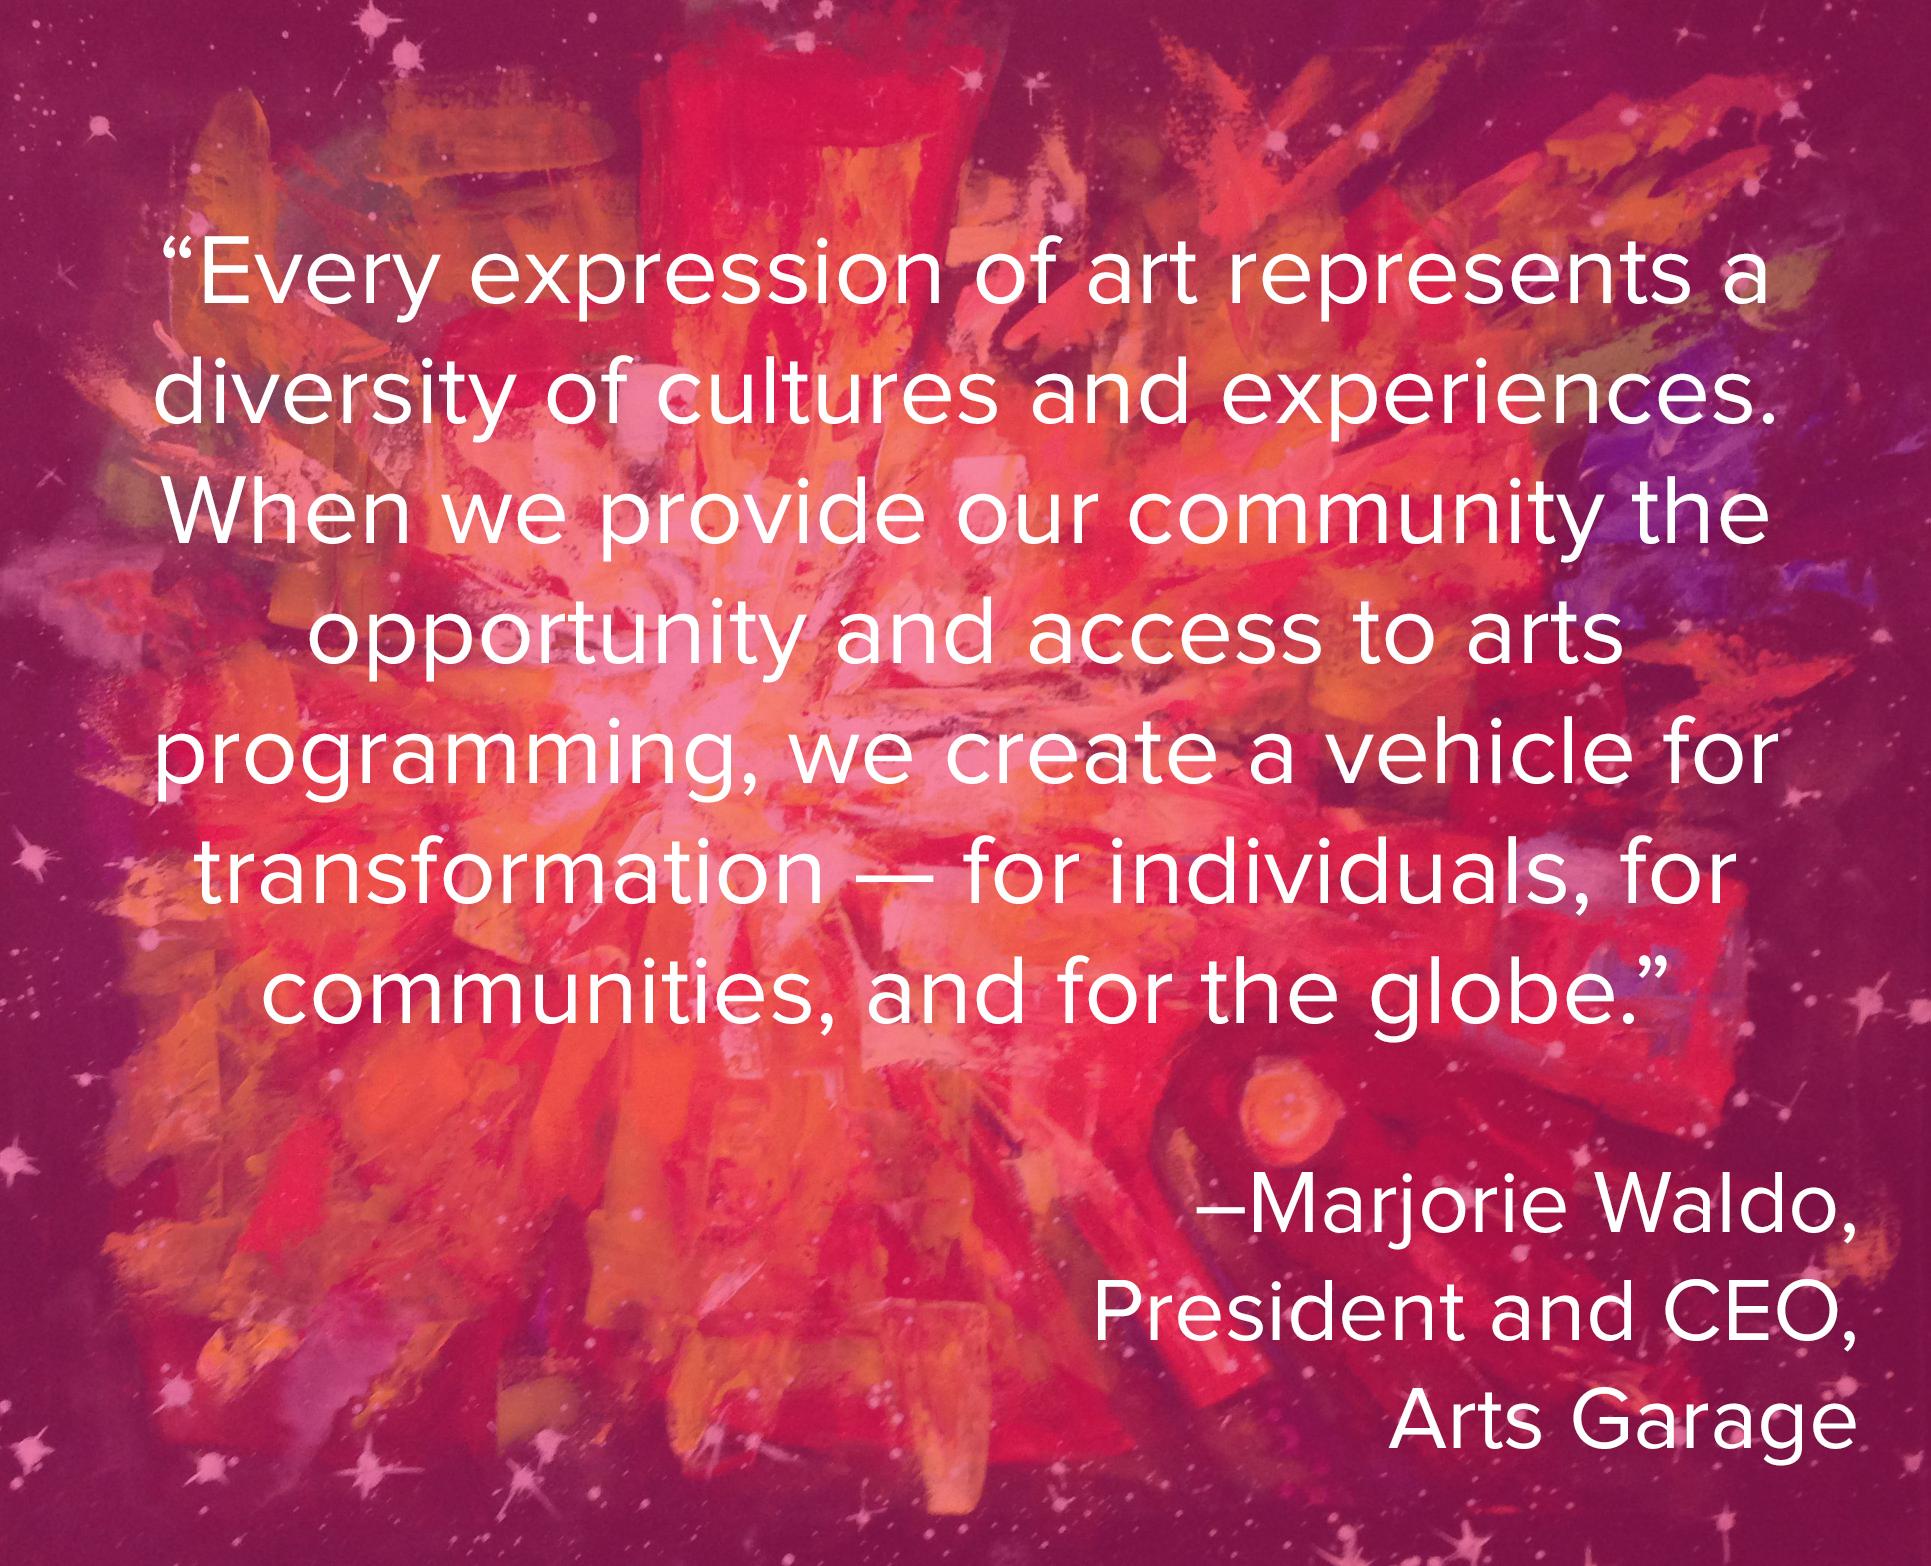 Arts garage quote